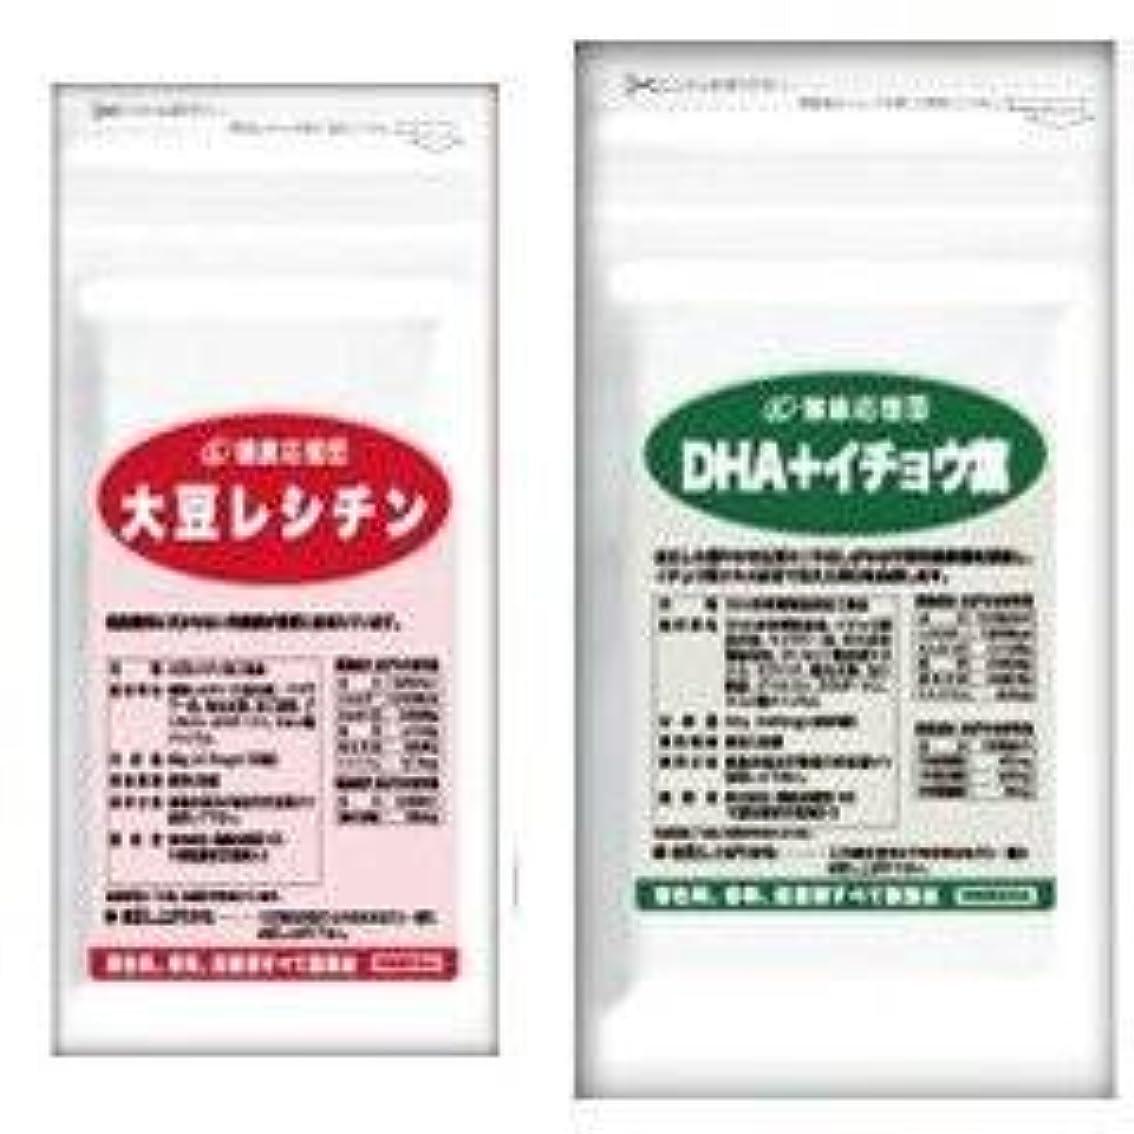 擬人急降下世界的に(お徳用6か月分)流れサラサラセット 大豆レシチン+(DHA・EPA+イチョウ葉)6袋&6袋セット